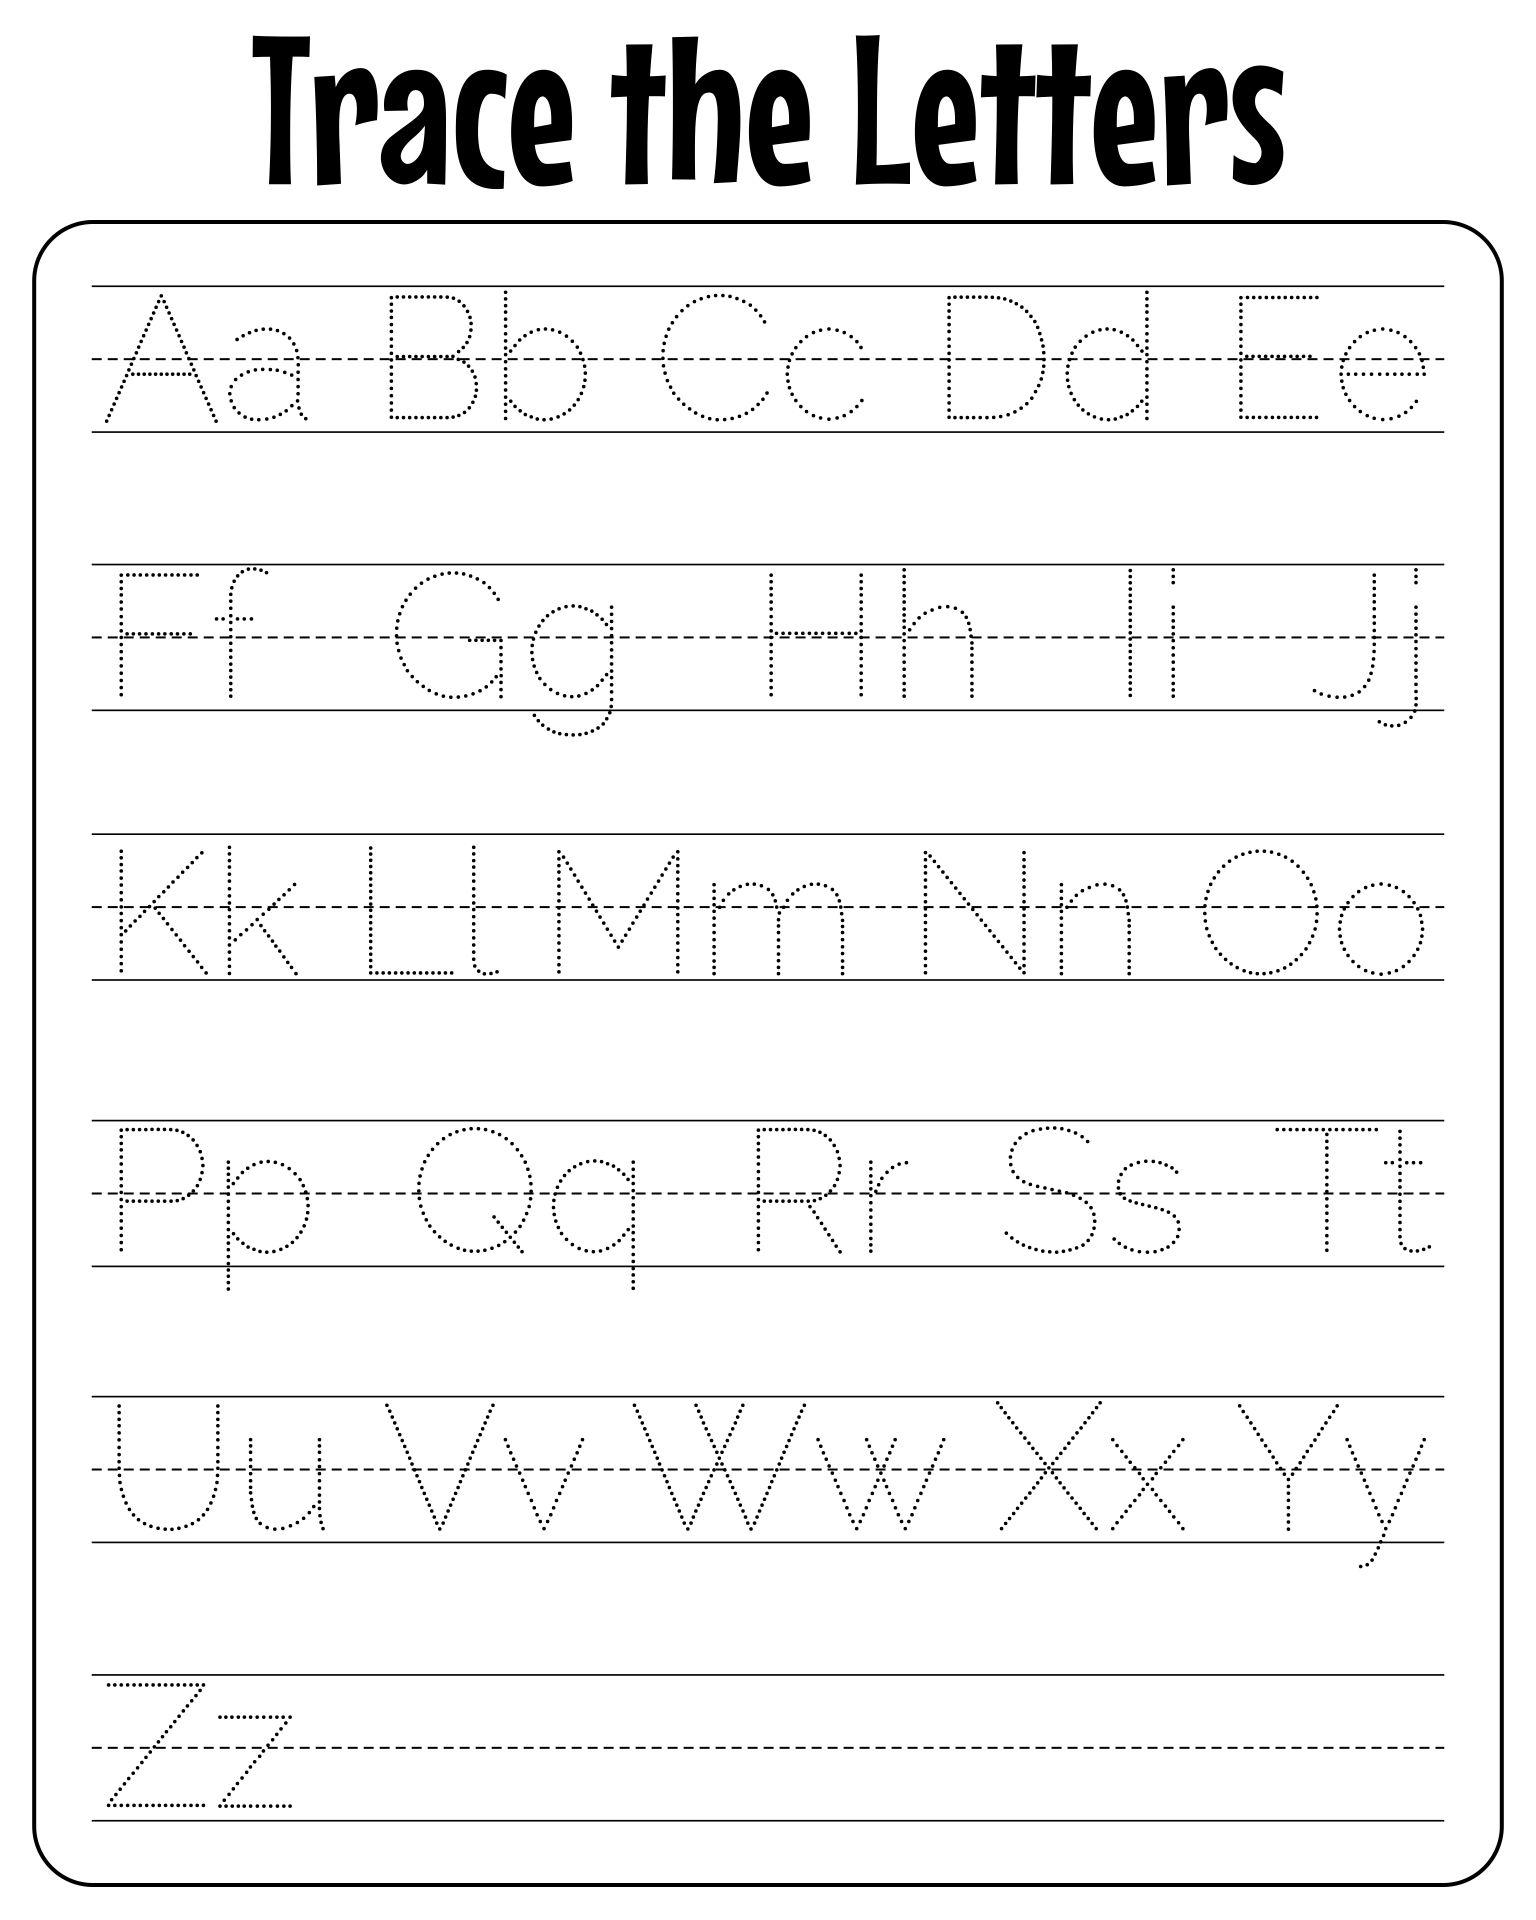 Worksheets Preschool Alphabet Worksheets A-z free traceable alphabet worksheets a z intrepidpath 8 best images of printable worksheets